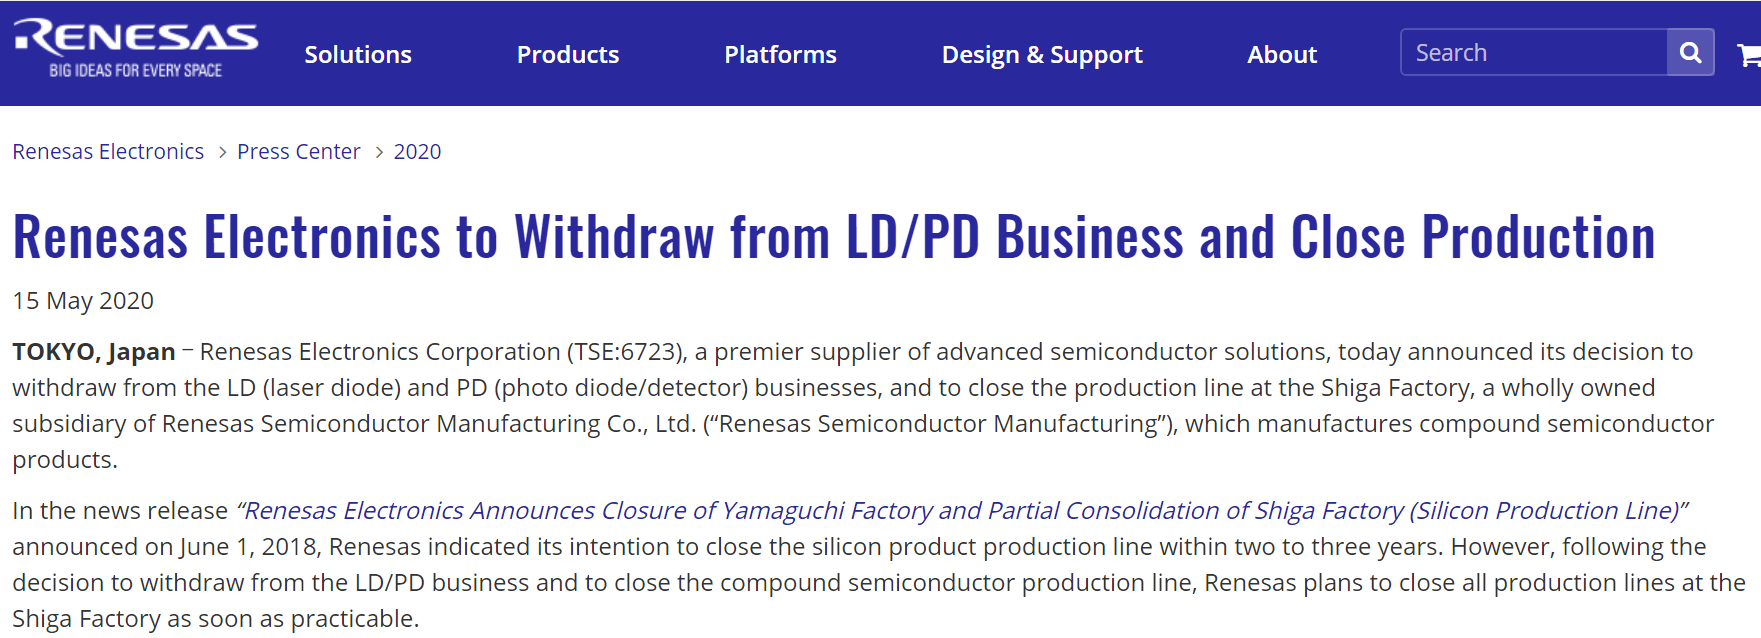 瑞萨宣布关闭滋贺工厂,并退出LD/PD业务